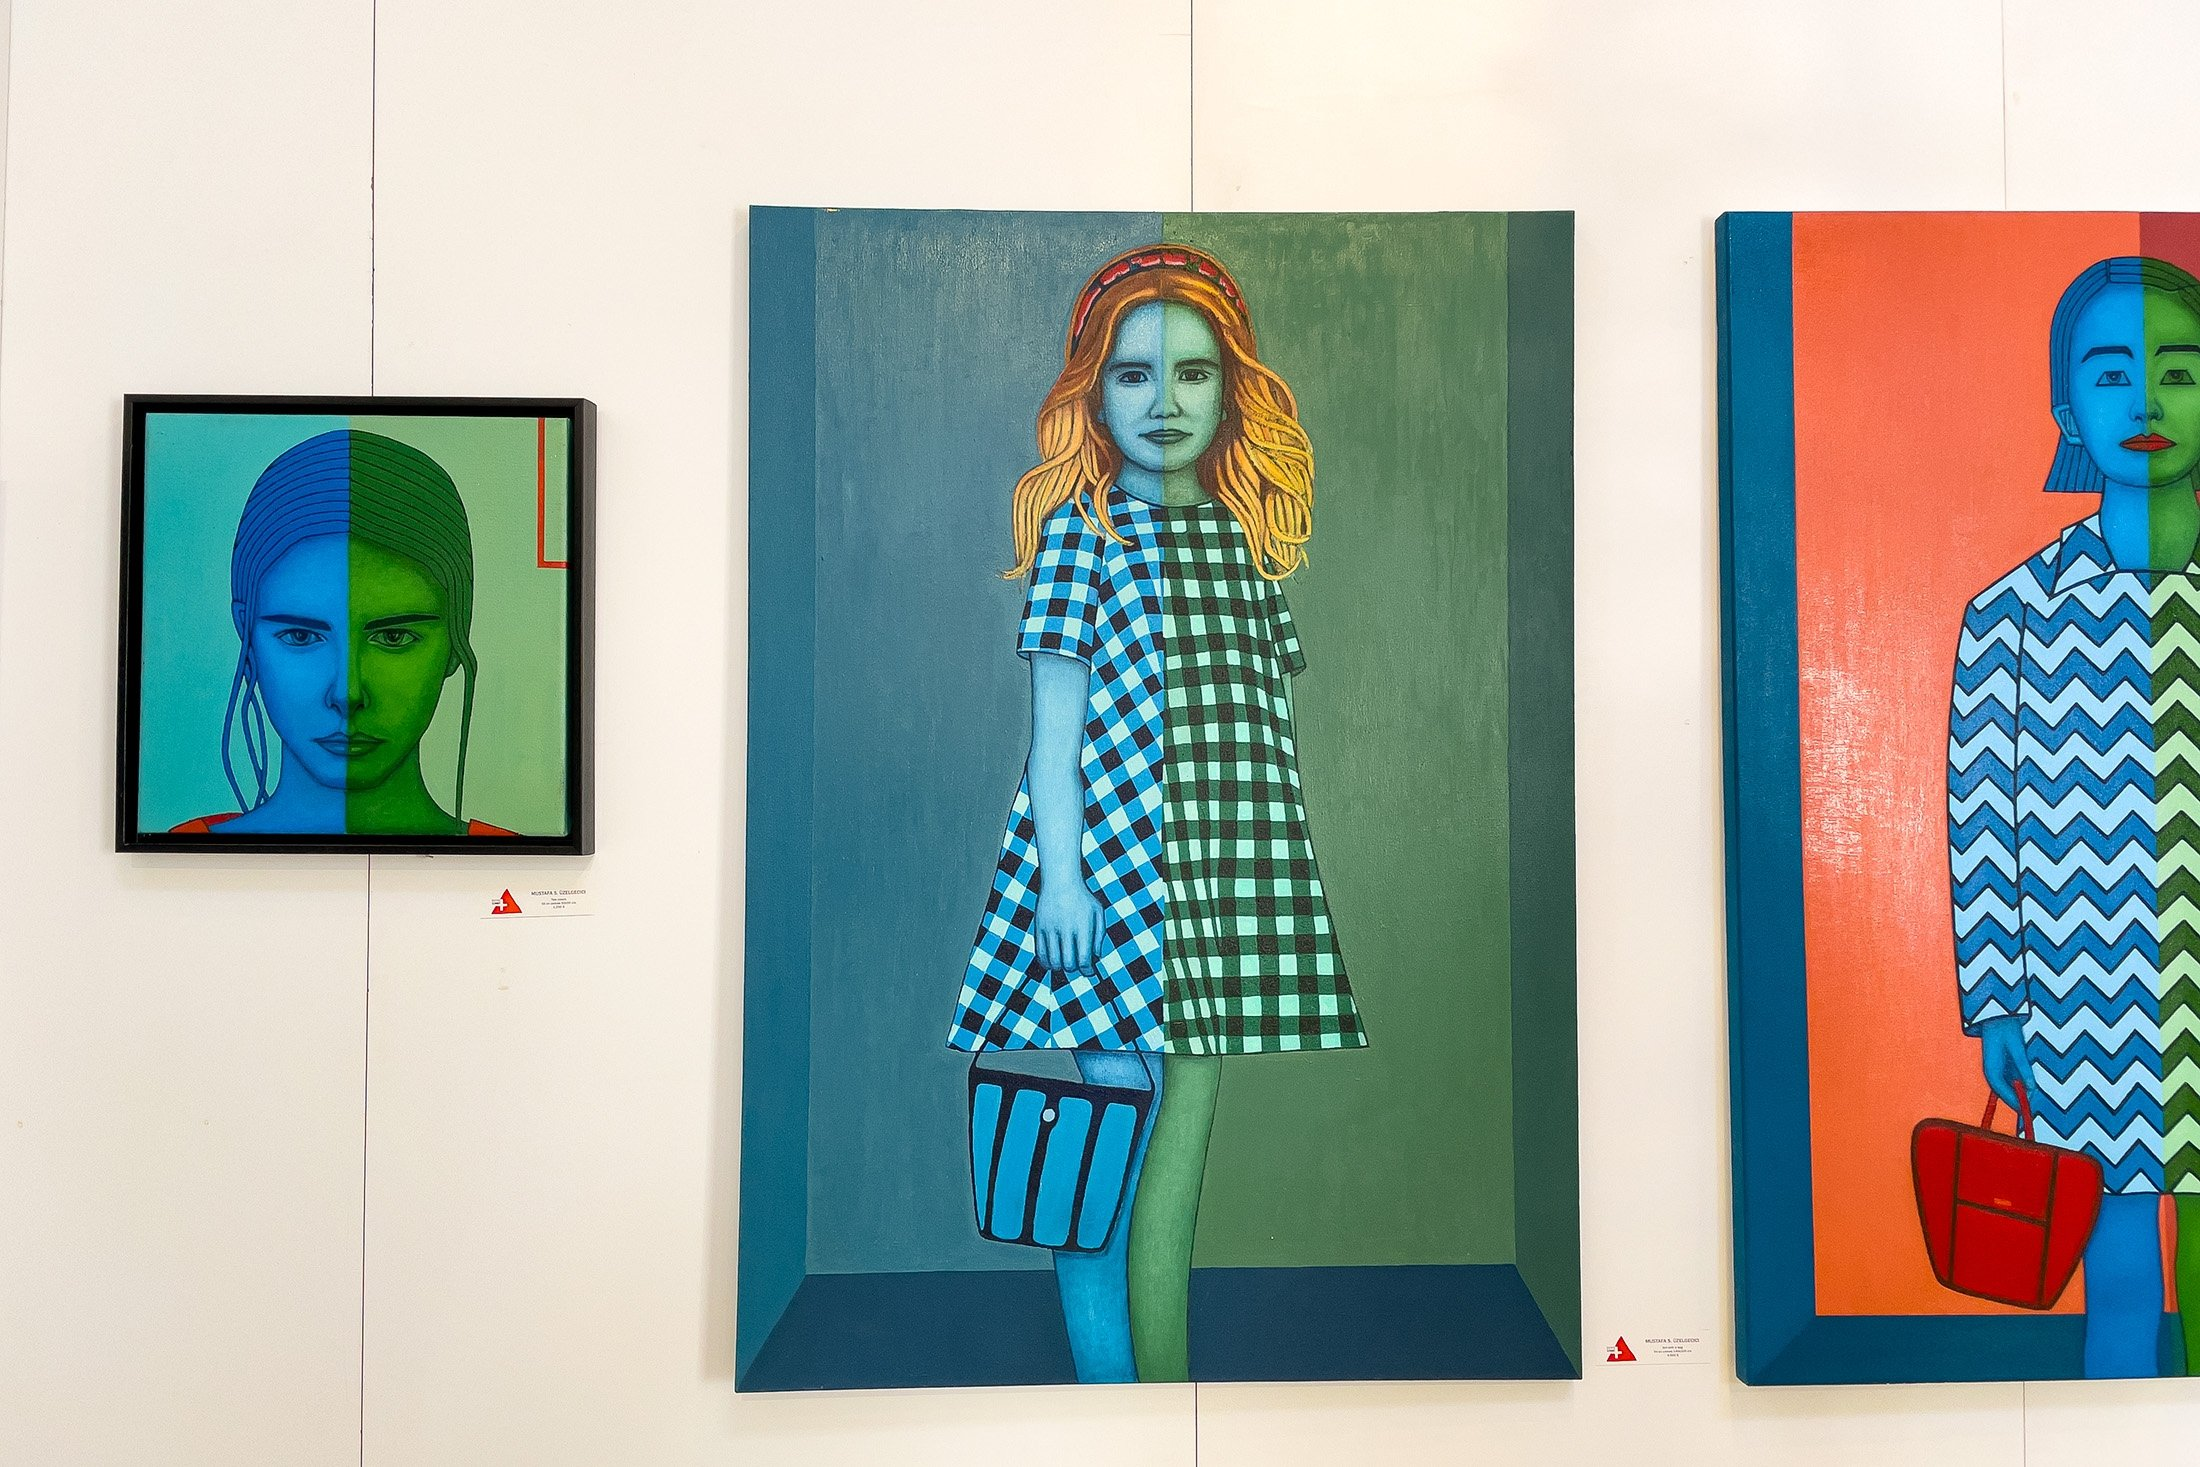 Mustafa Serdar Üzelgeçici, 'The girl with the blue bag,' 2019, oil on canvas, 140 by 100 centimeters. (Photo by Ahmet Koçak)